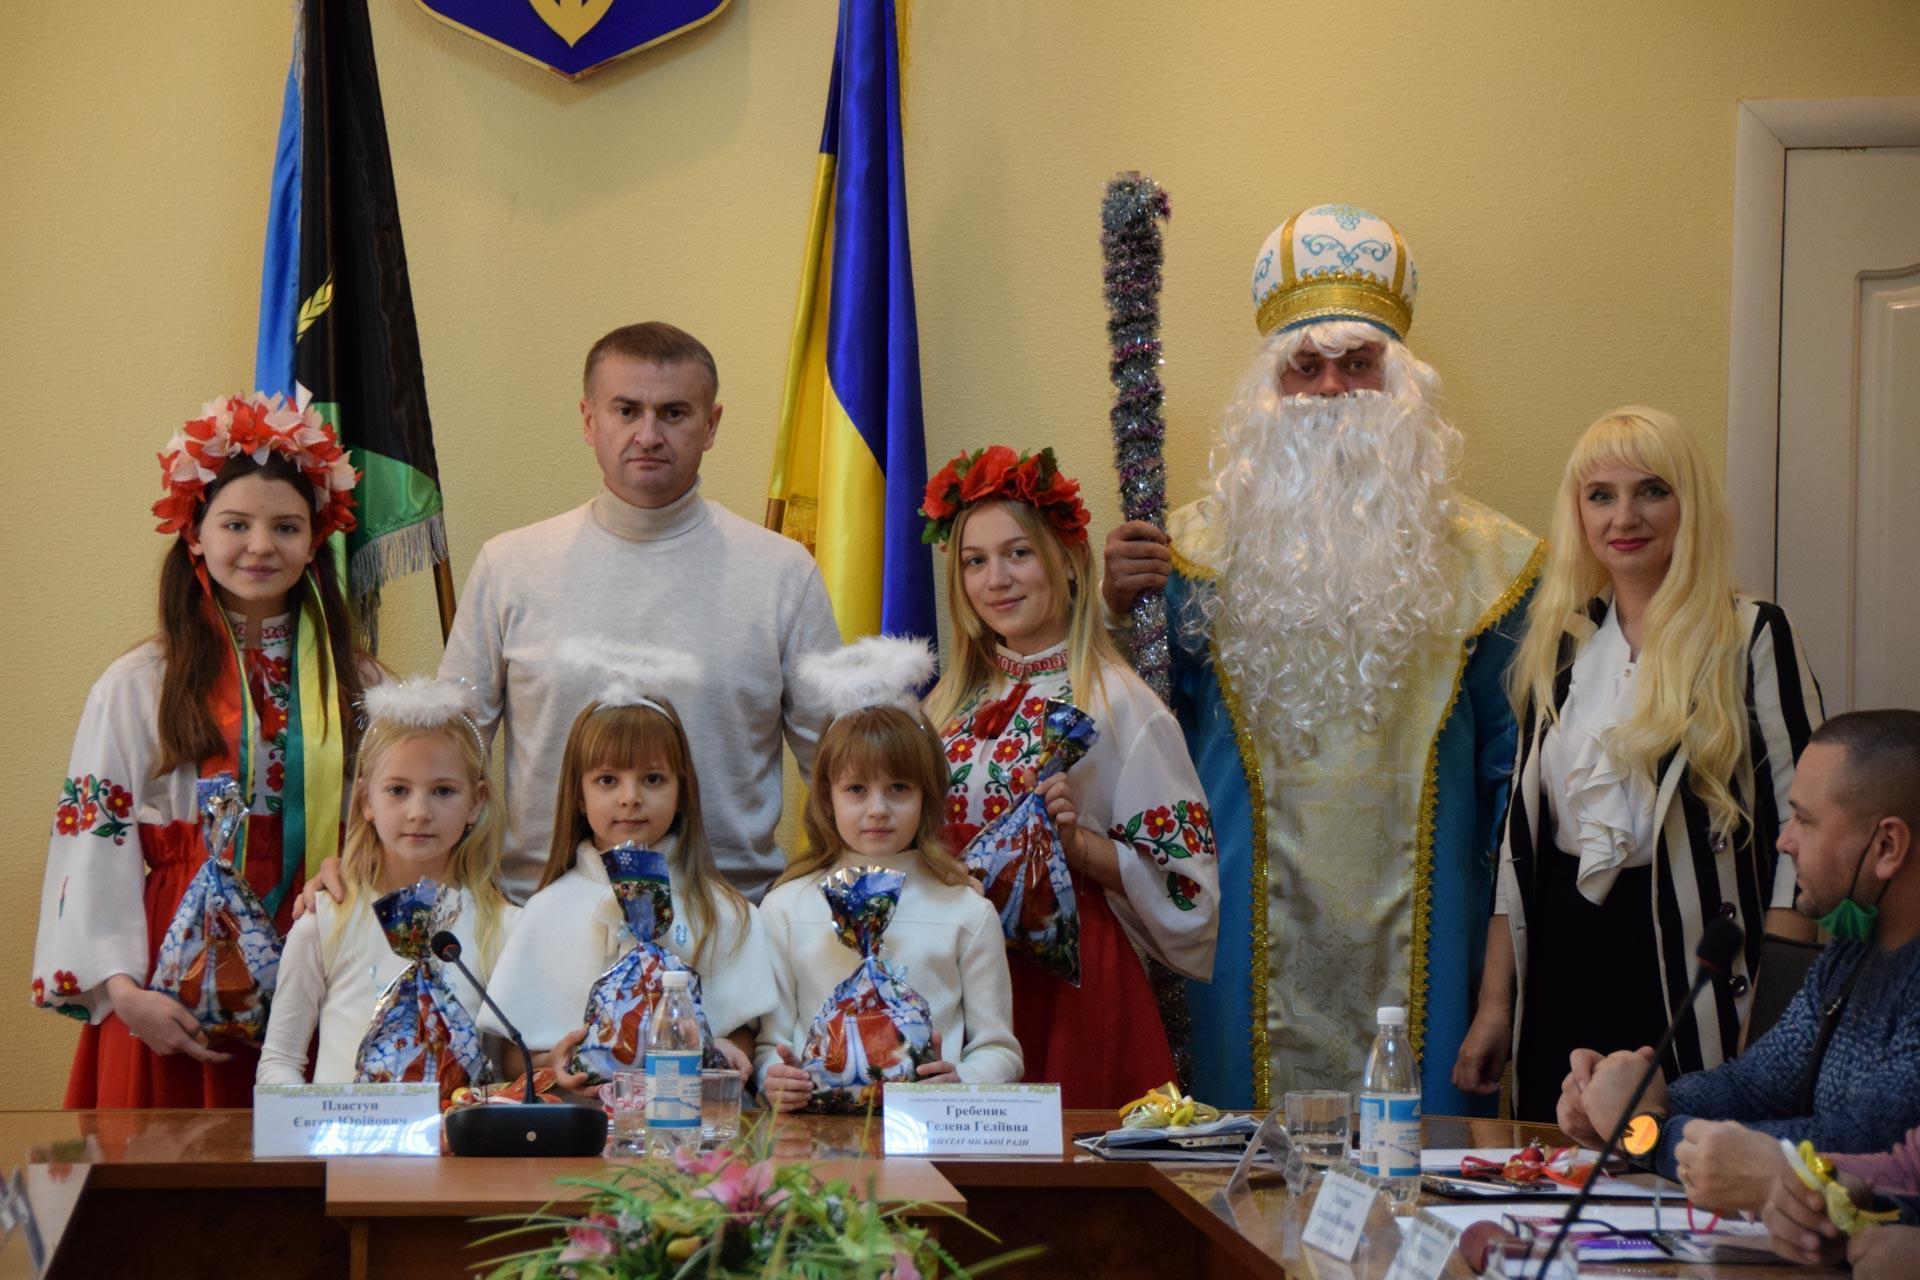 Мэр Соледара Евгений Пластун и другие депутаты позируют для фото без масок